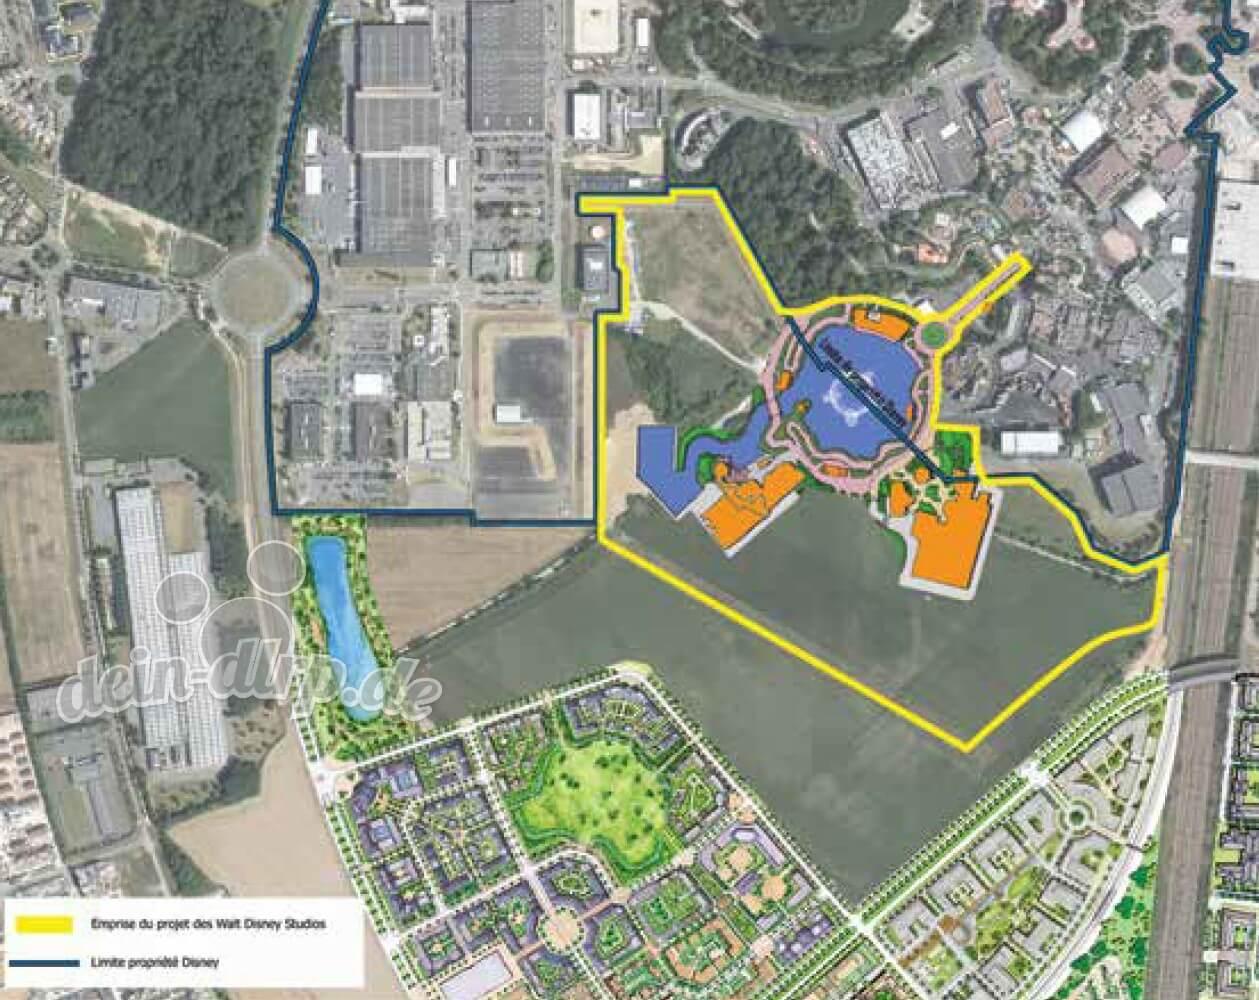 Die Lage der neuen Länder der Erweiterung des Walt Disney Studios